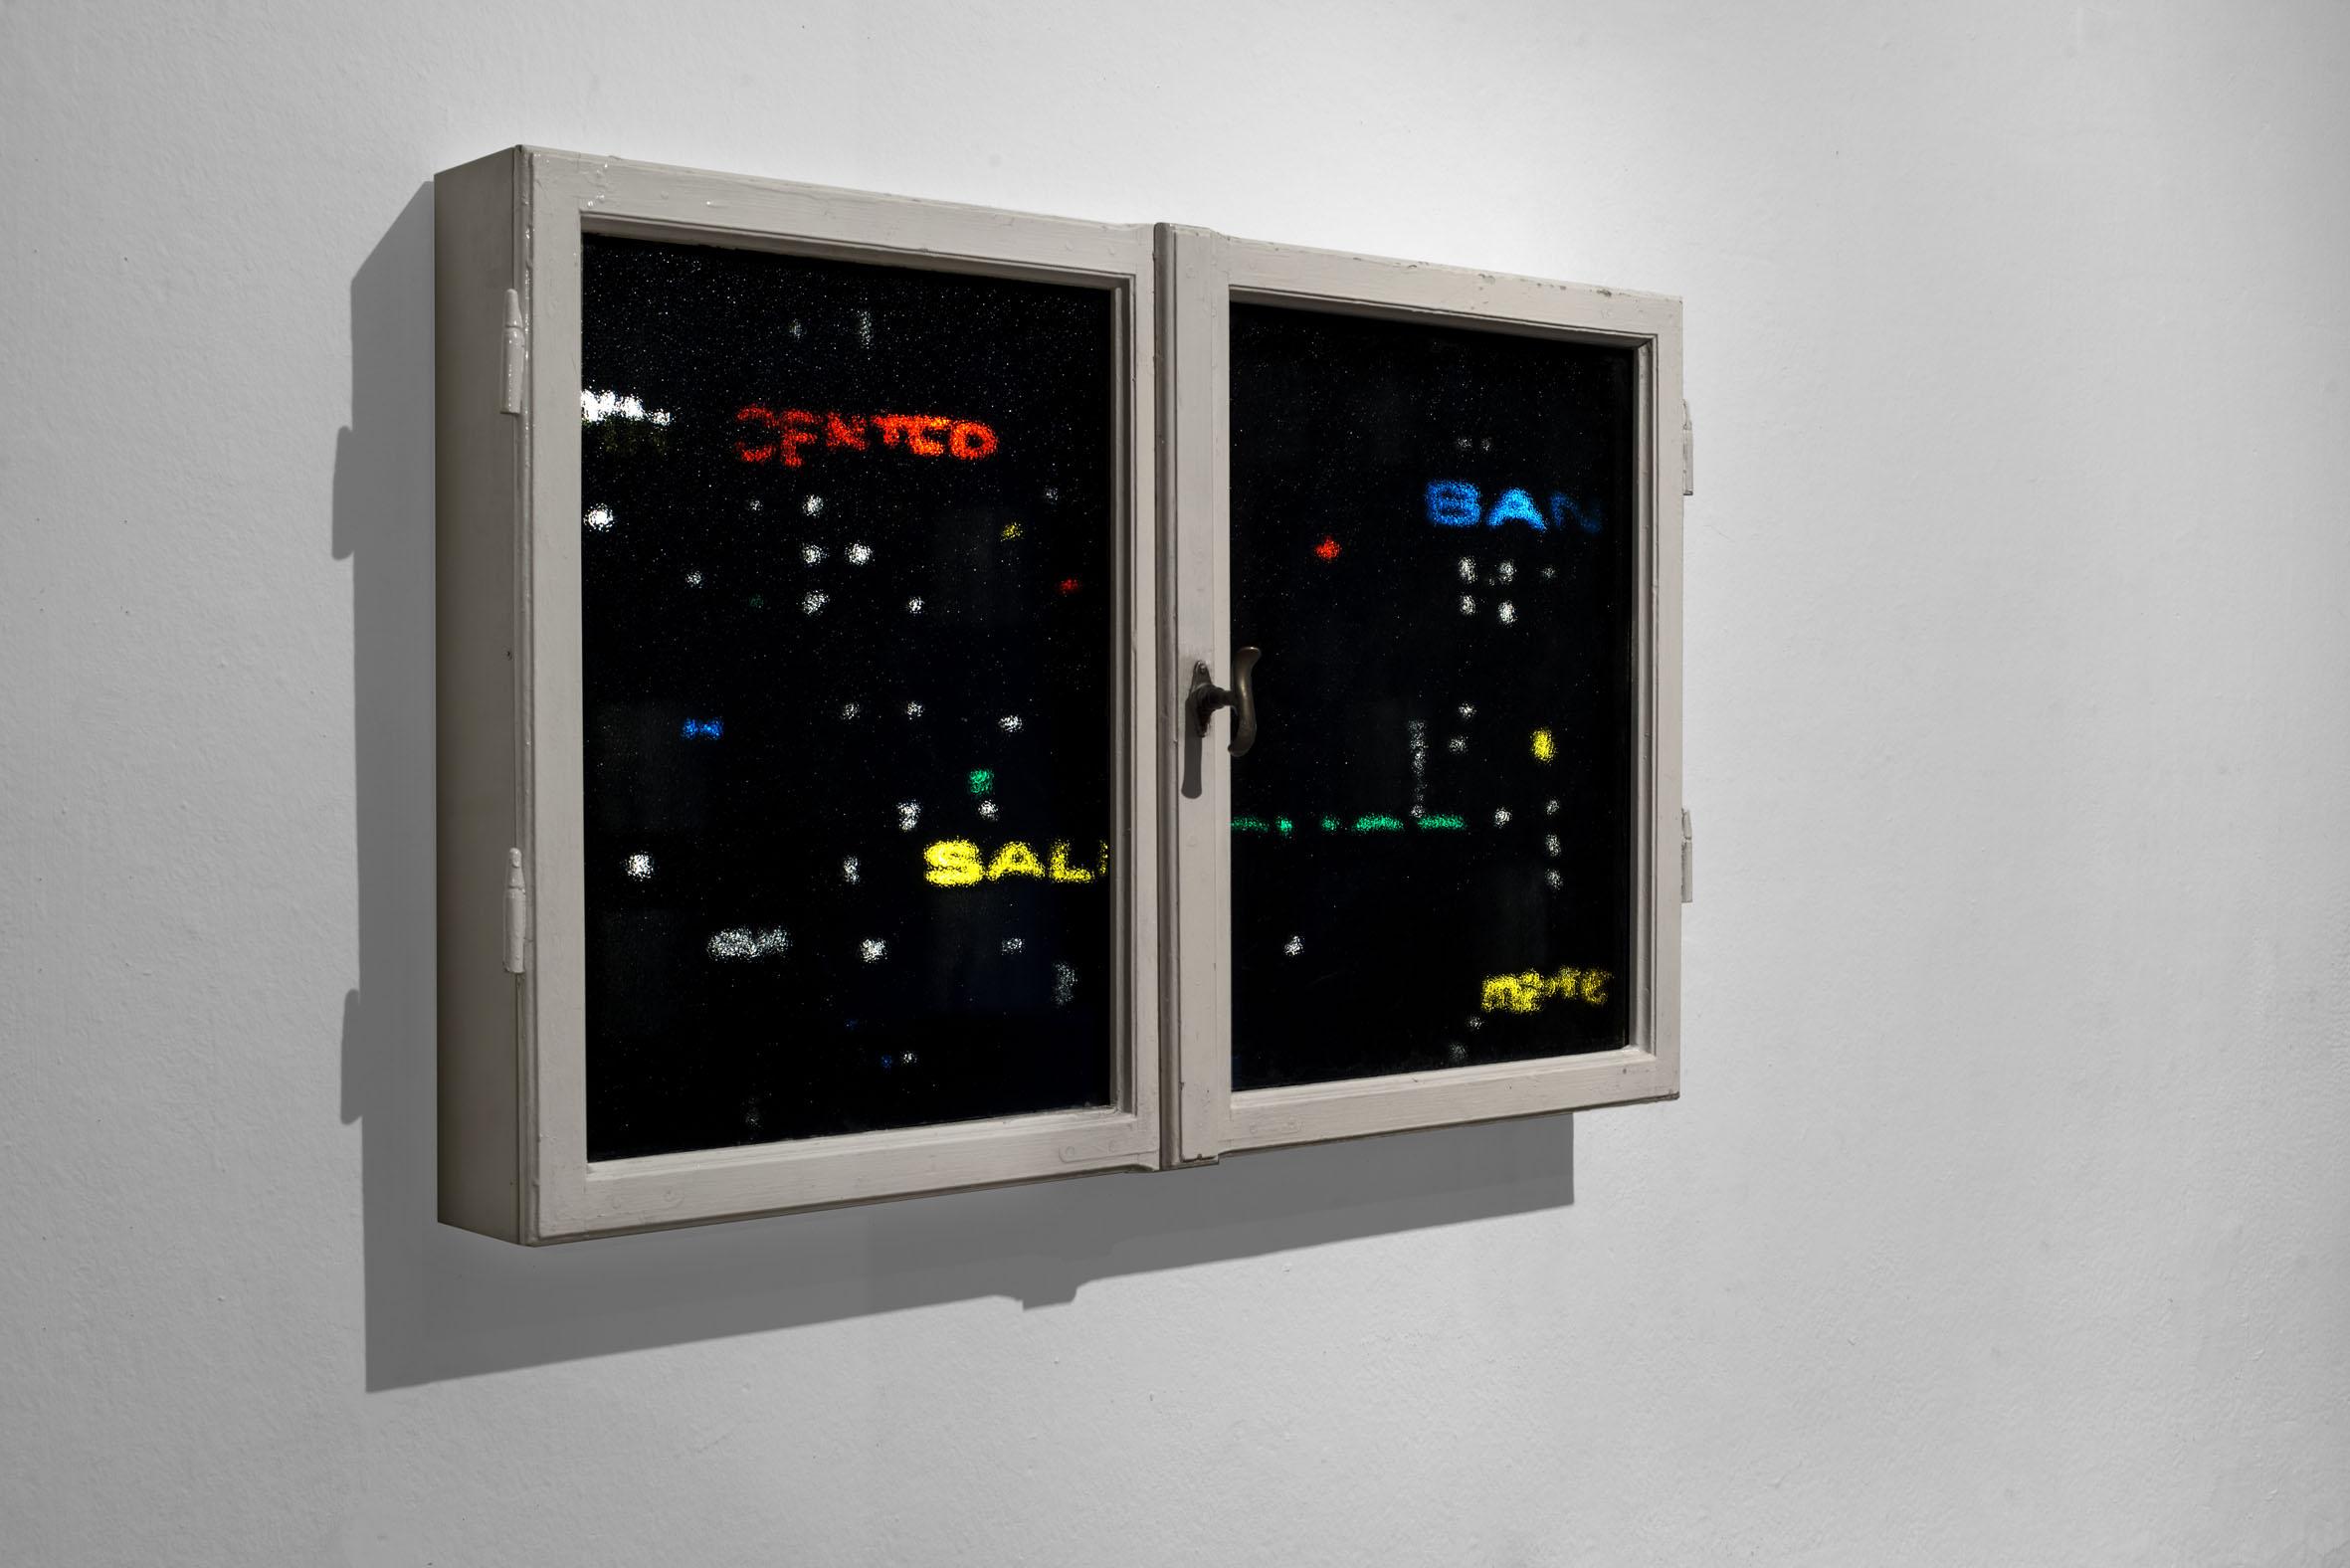 Alessandro Lupi, Window, installazione interattiva, 2015, tecnica mista cm 115x73x25. Courtesy Guidi & Schoen, Genova